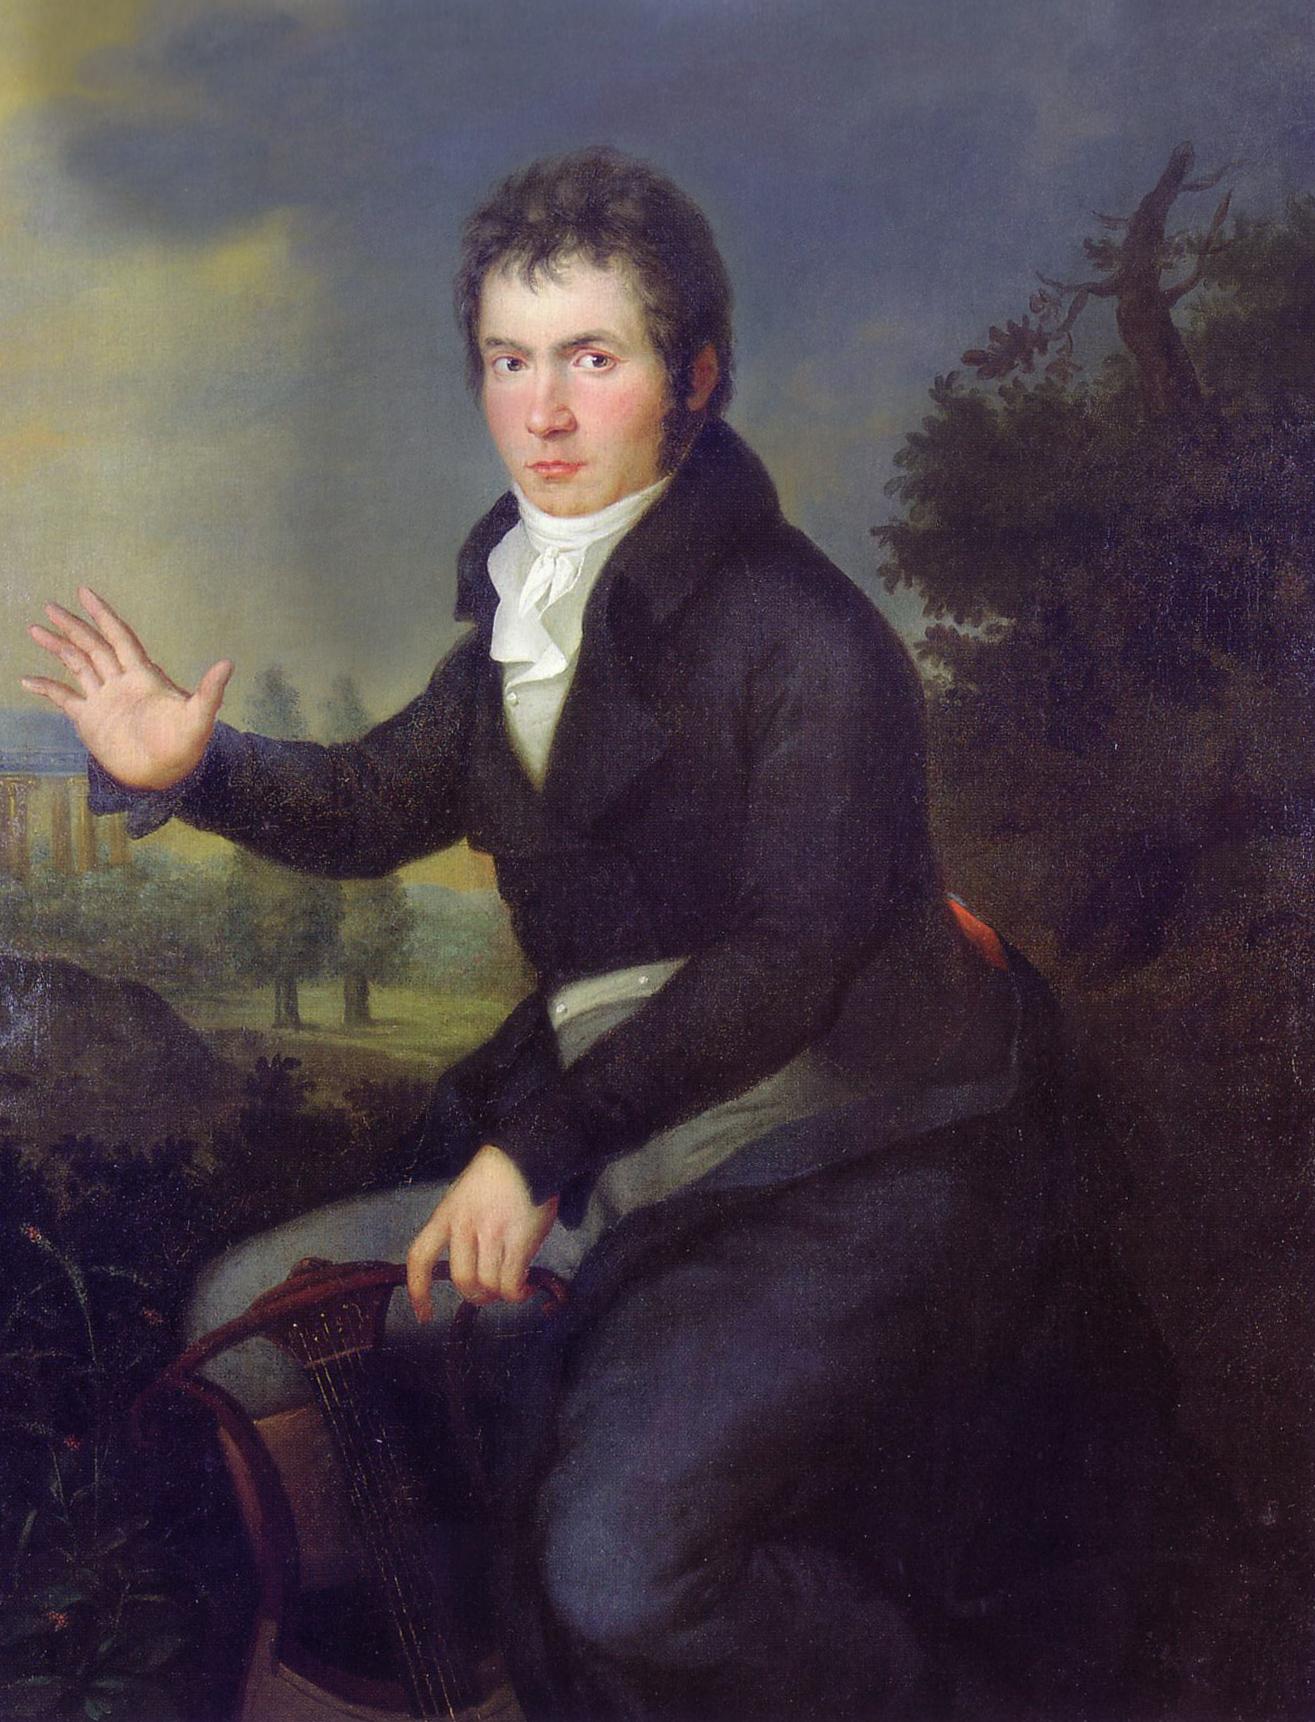 <em>Retrato de Beethoven</em> (hacia 1804), en la época de la <em>Sonata Appassionata</em> y de <em>Fidelio</em>. Decidido a «agarrar el destino por el cuello», compuso en el periodo de 1802 a 1812 una serie de obras brillantes y enérgicas características de su estilo «heroico».